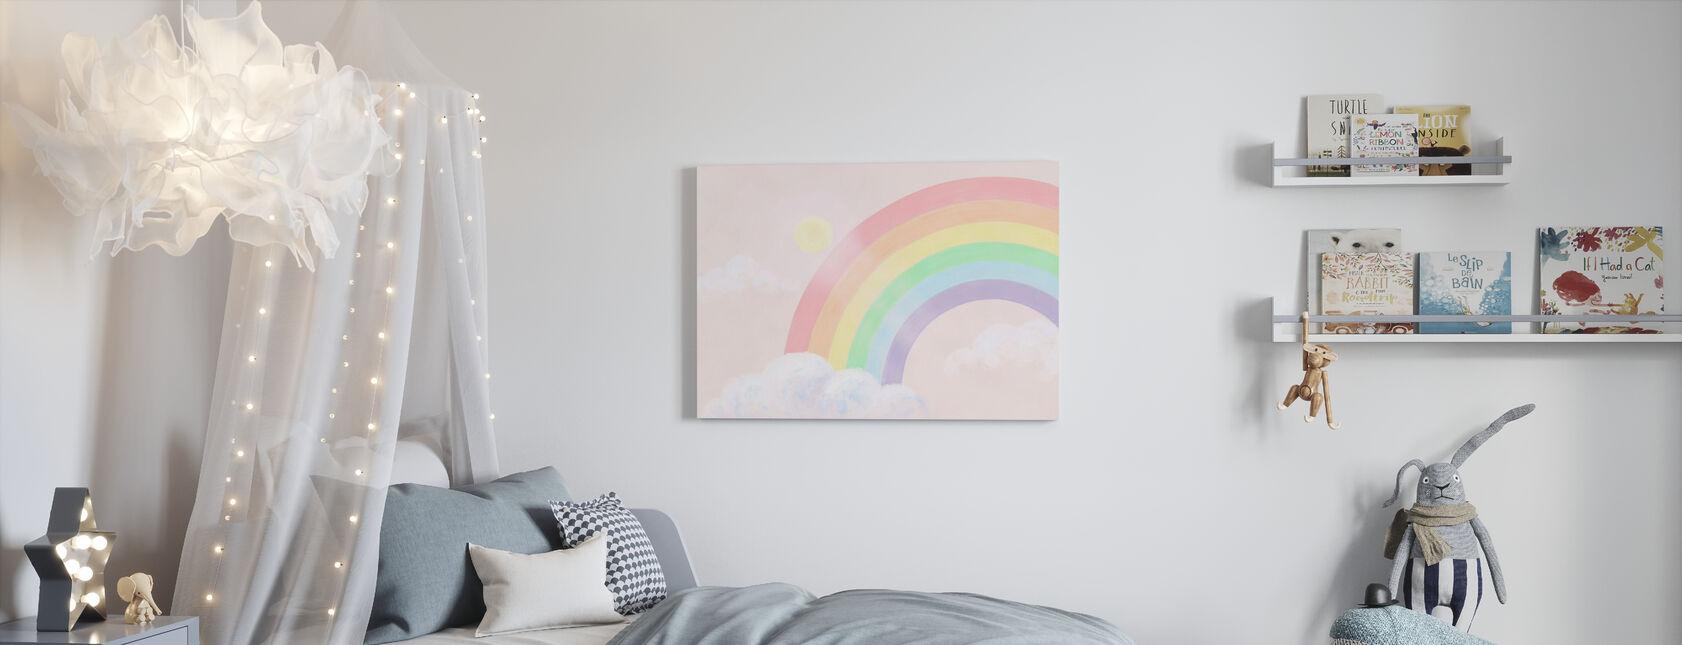 Sparkling Rainbow III - Canvas print - Kids Room